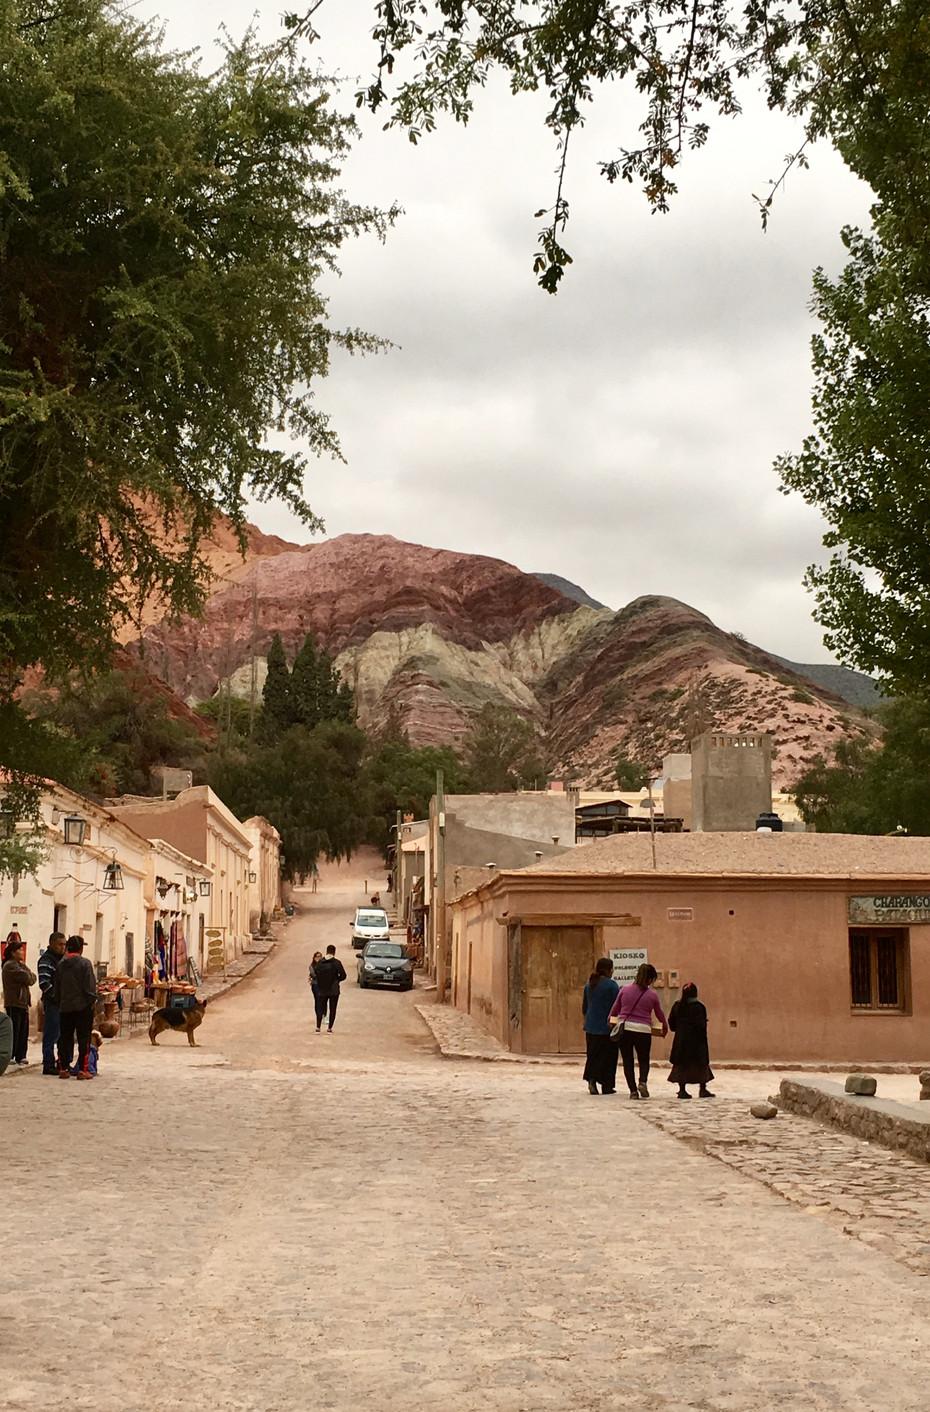 Les rues de Purmamarca surplombées de montagnes colorées